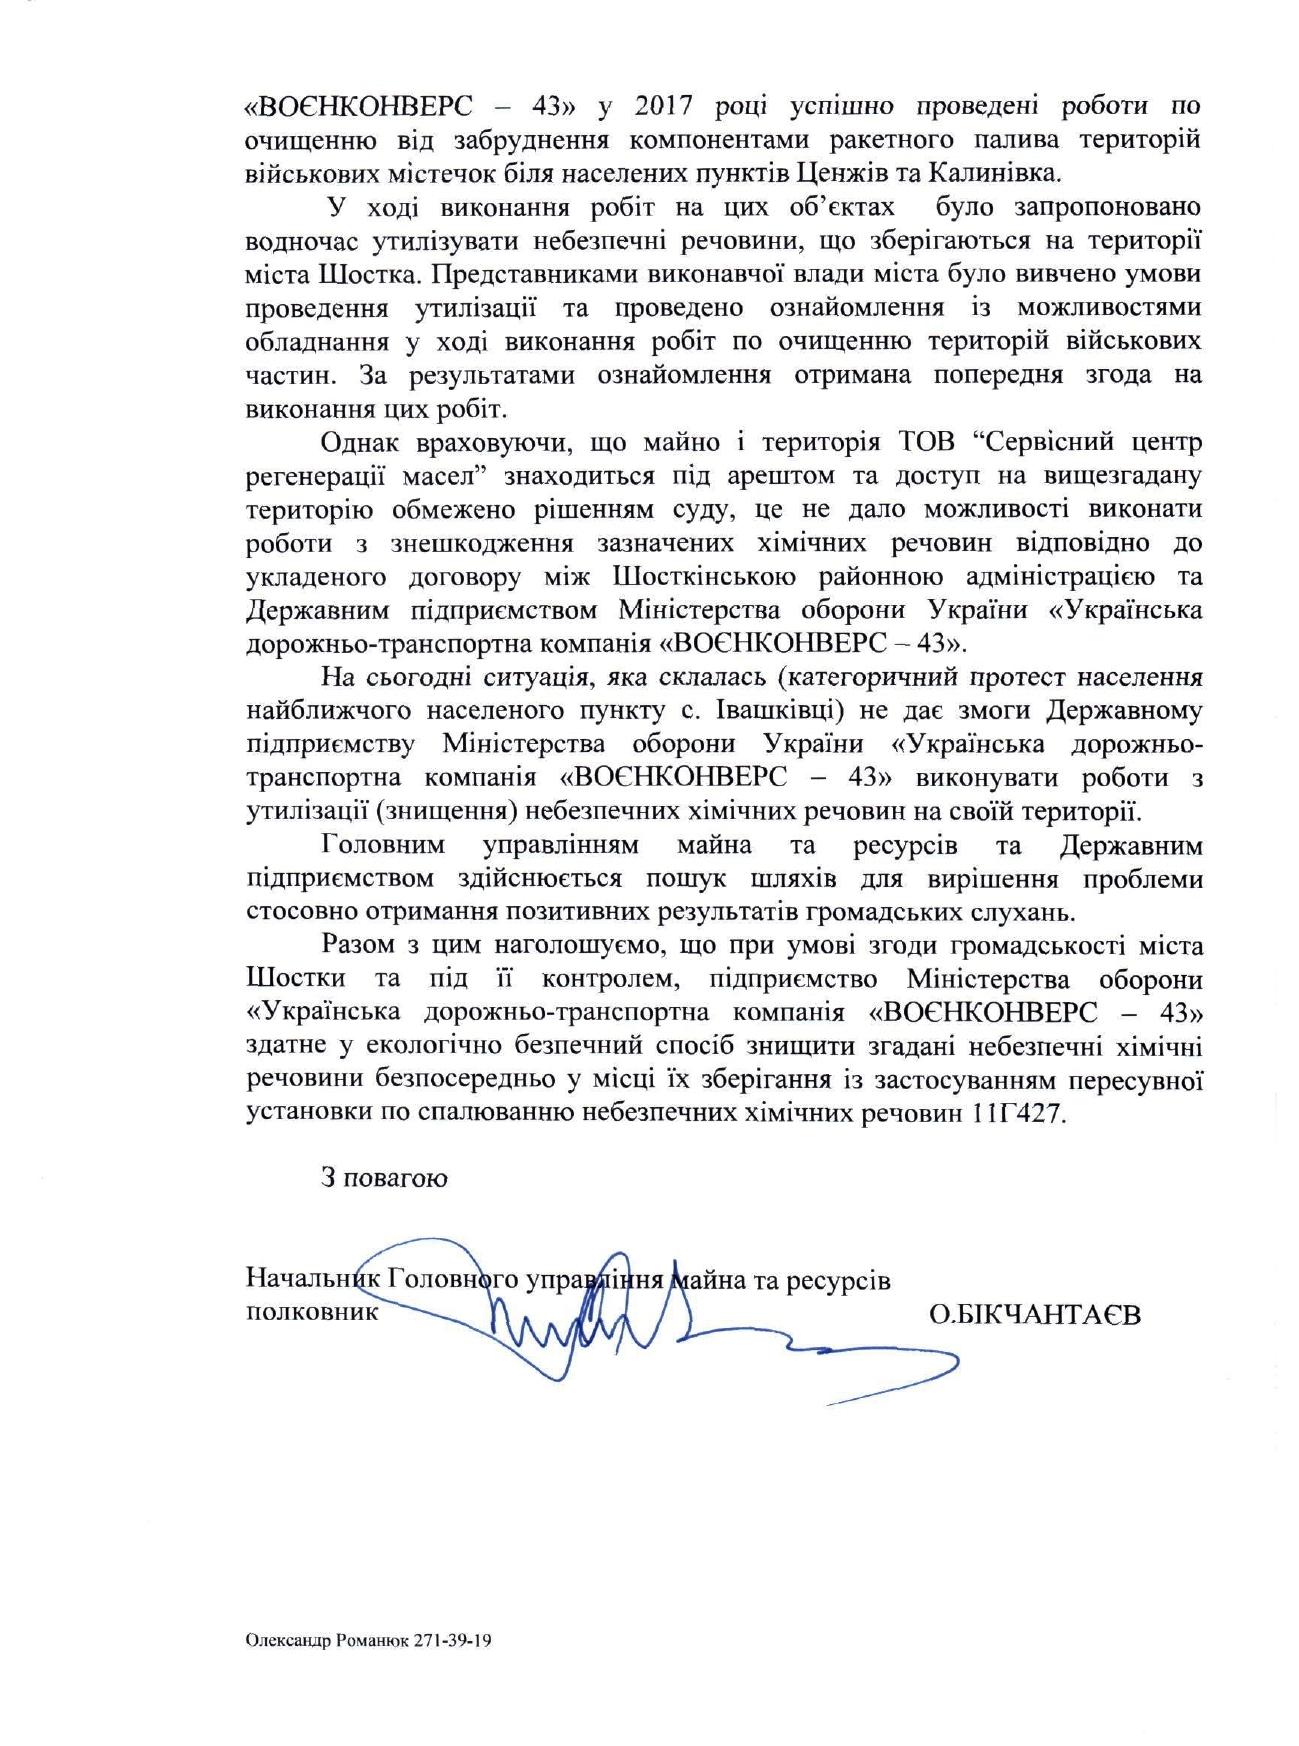 Відповідь з Міноборони по гептилу від 08.05.2019 (1)